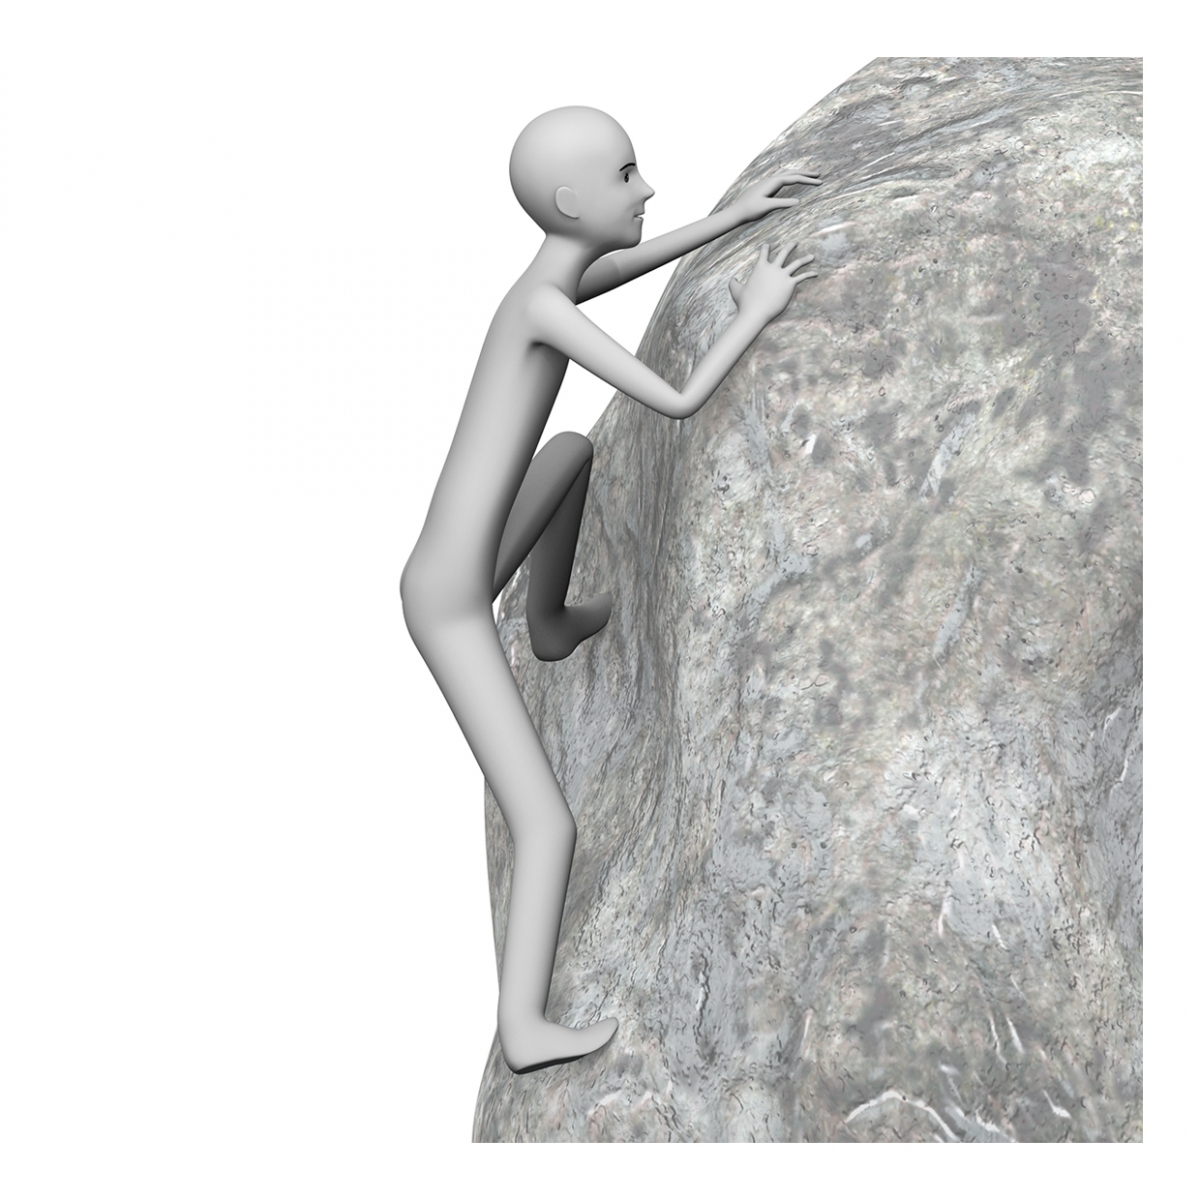 Una persona escala en una roca